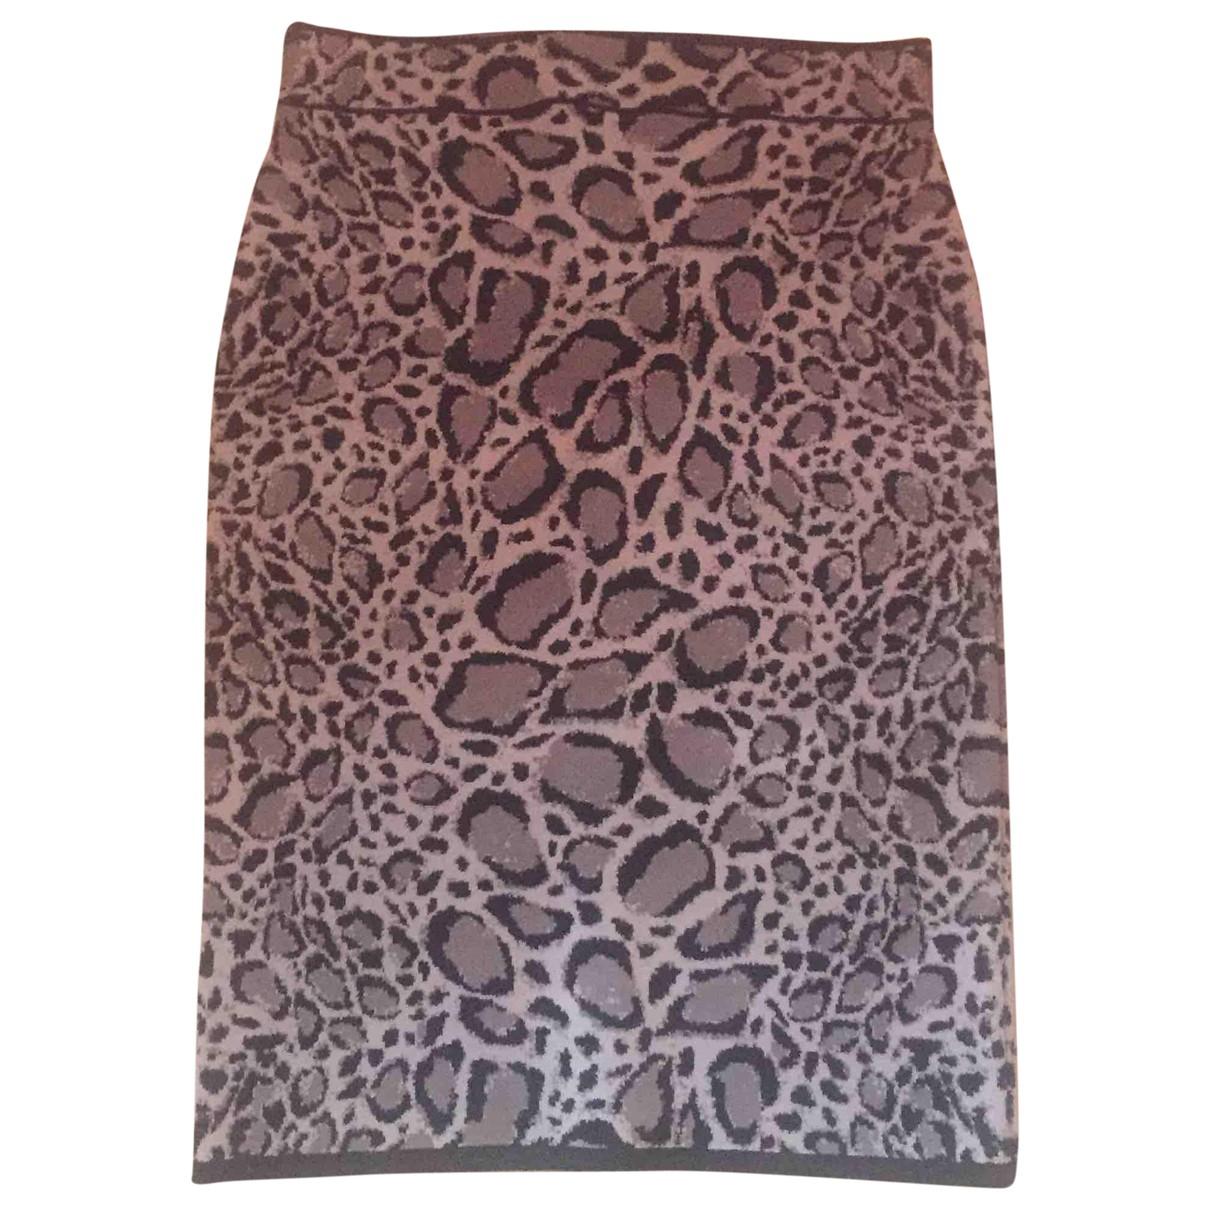 Bcbg Max Azria \N Grey skirt for Women S International